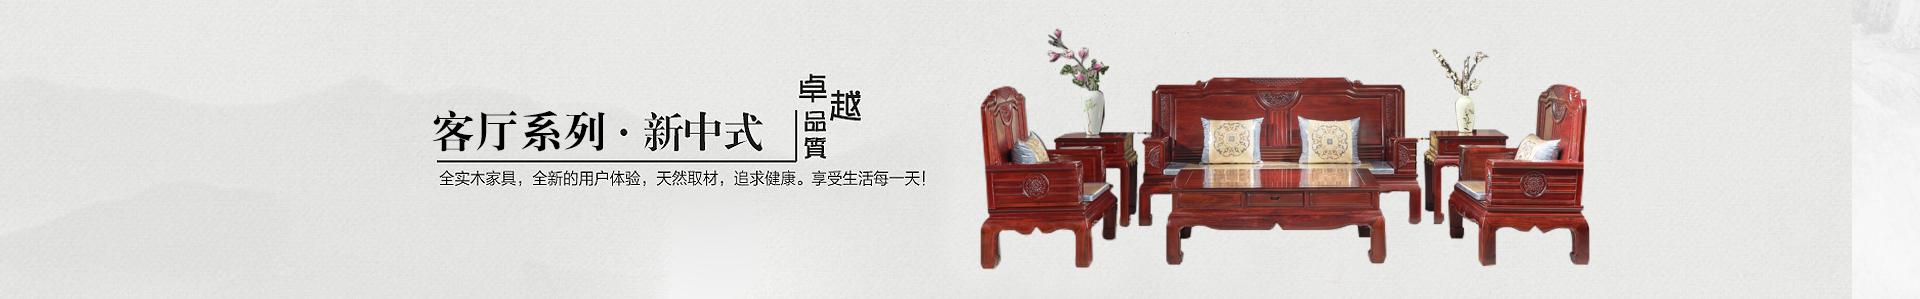 东阳红木家具品牌价格